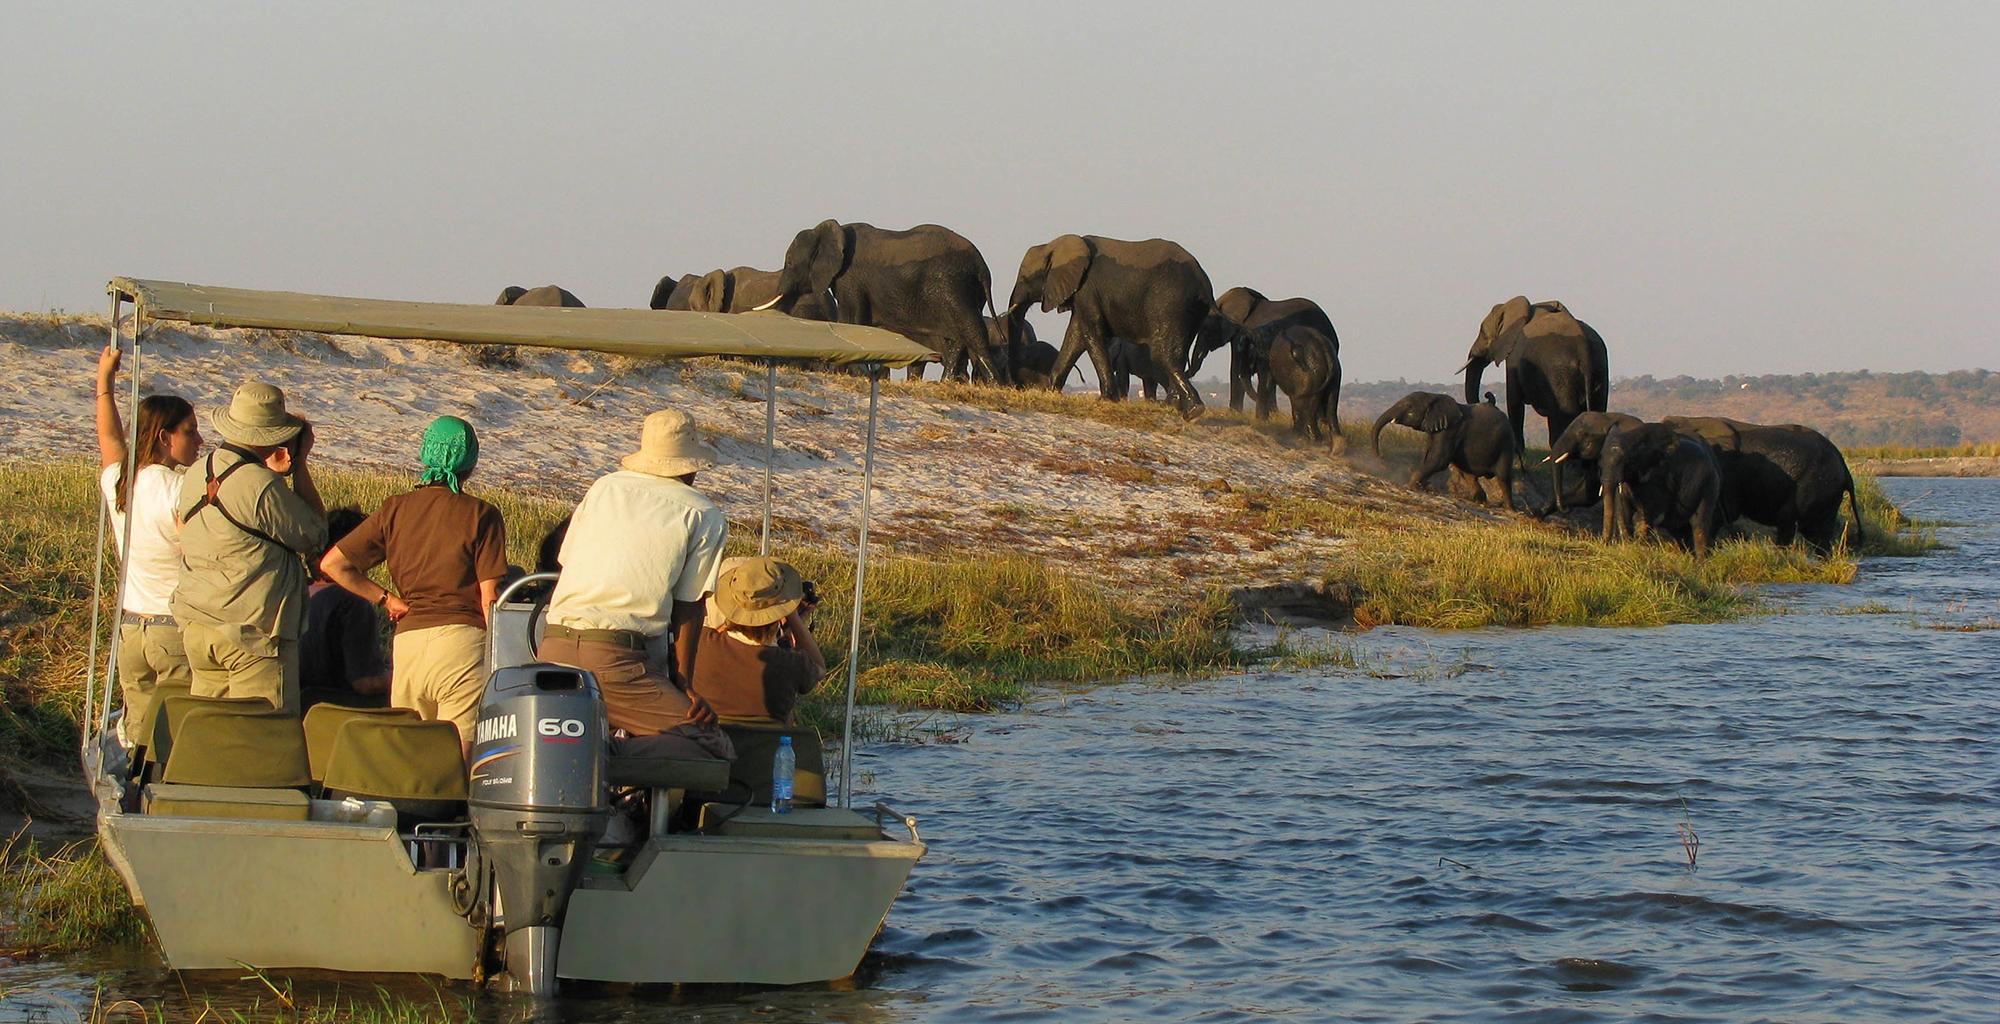 Botswana-Chobe-National-Park-Boating-Elephant